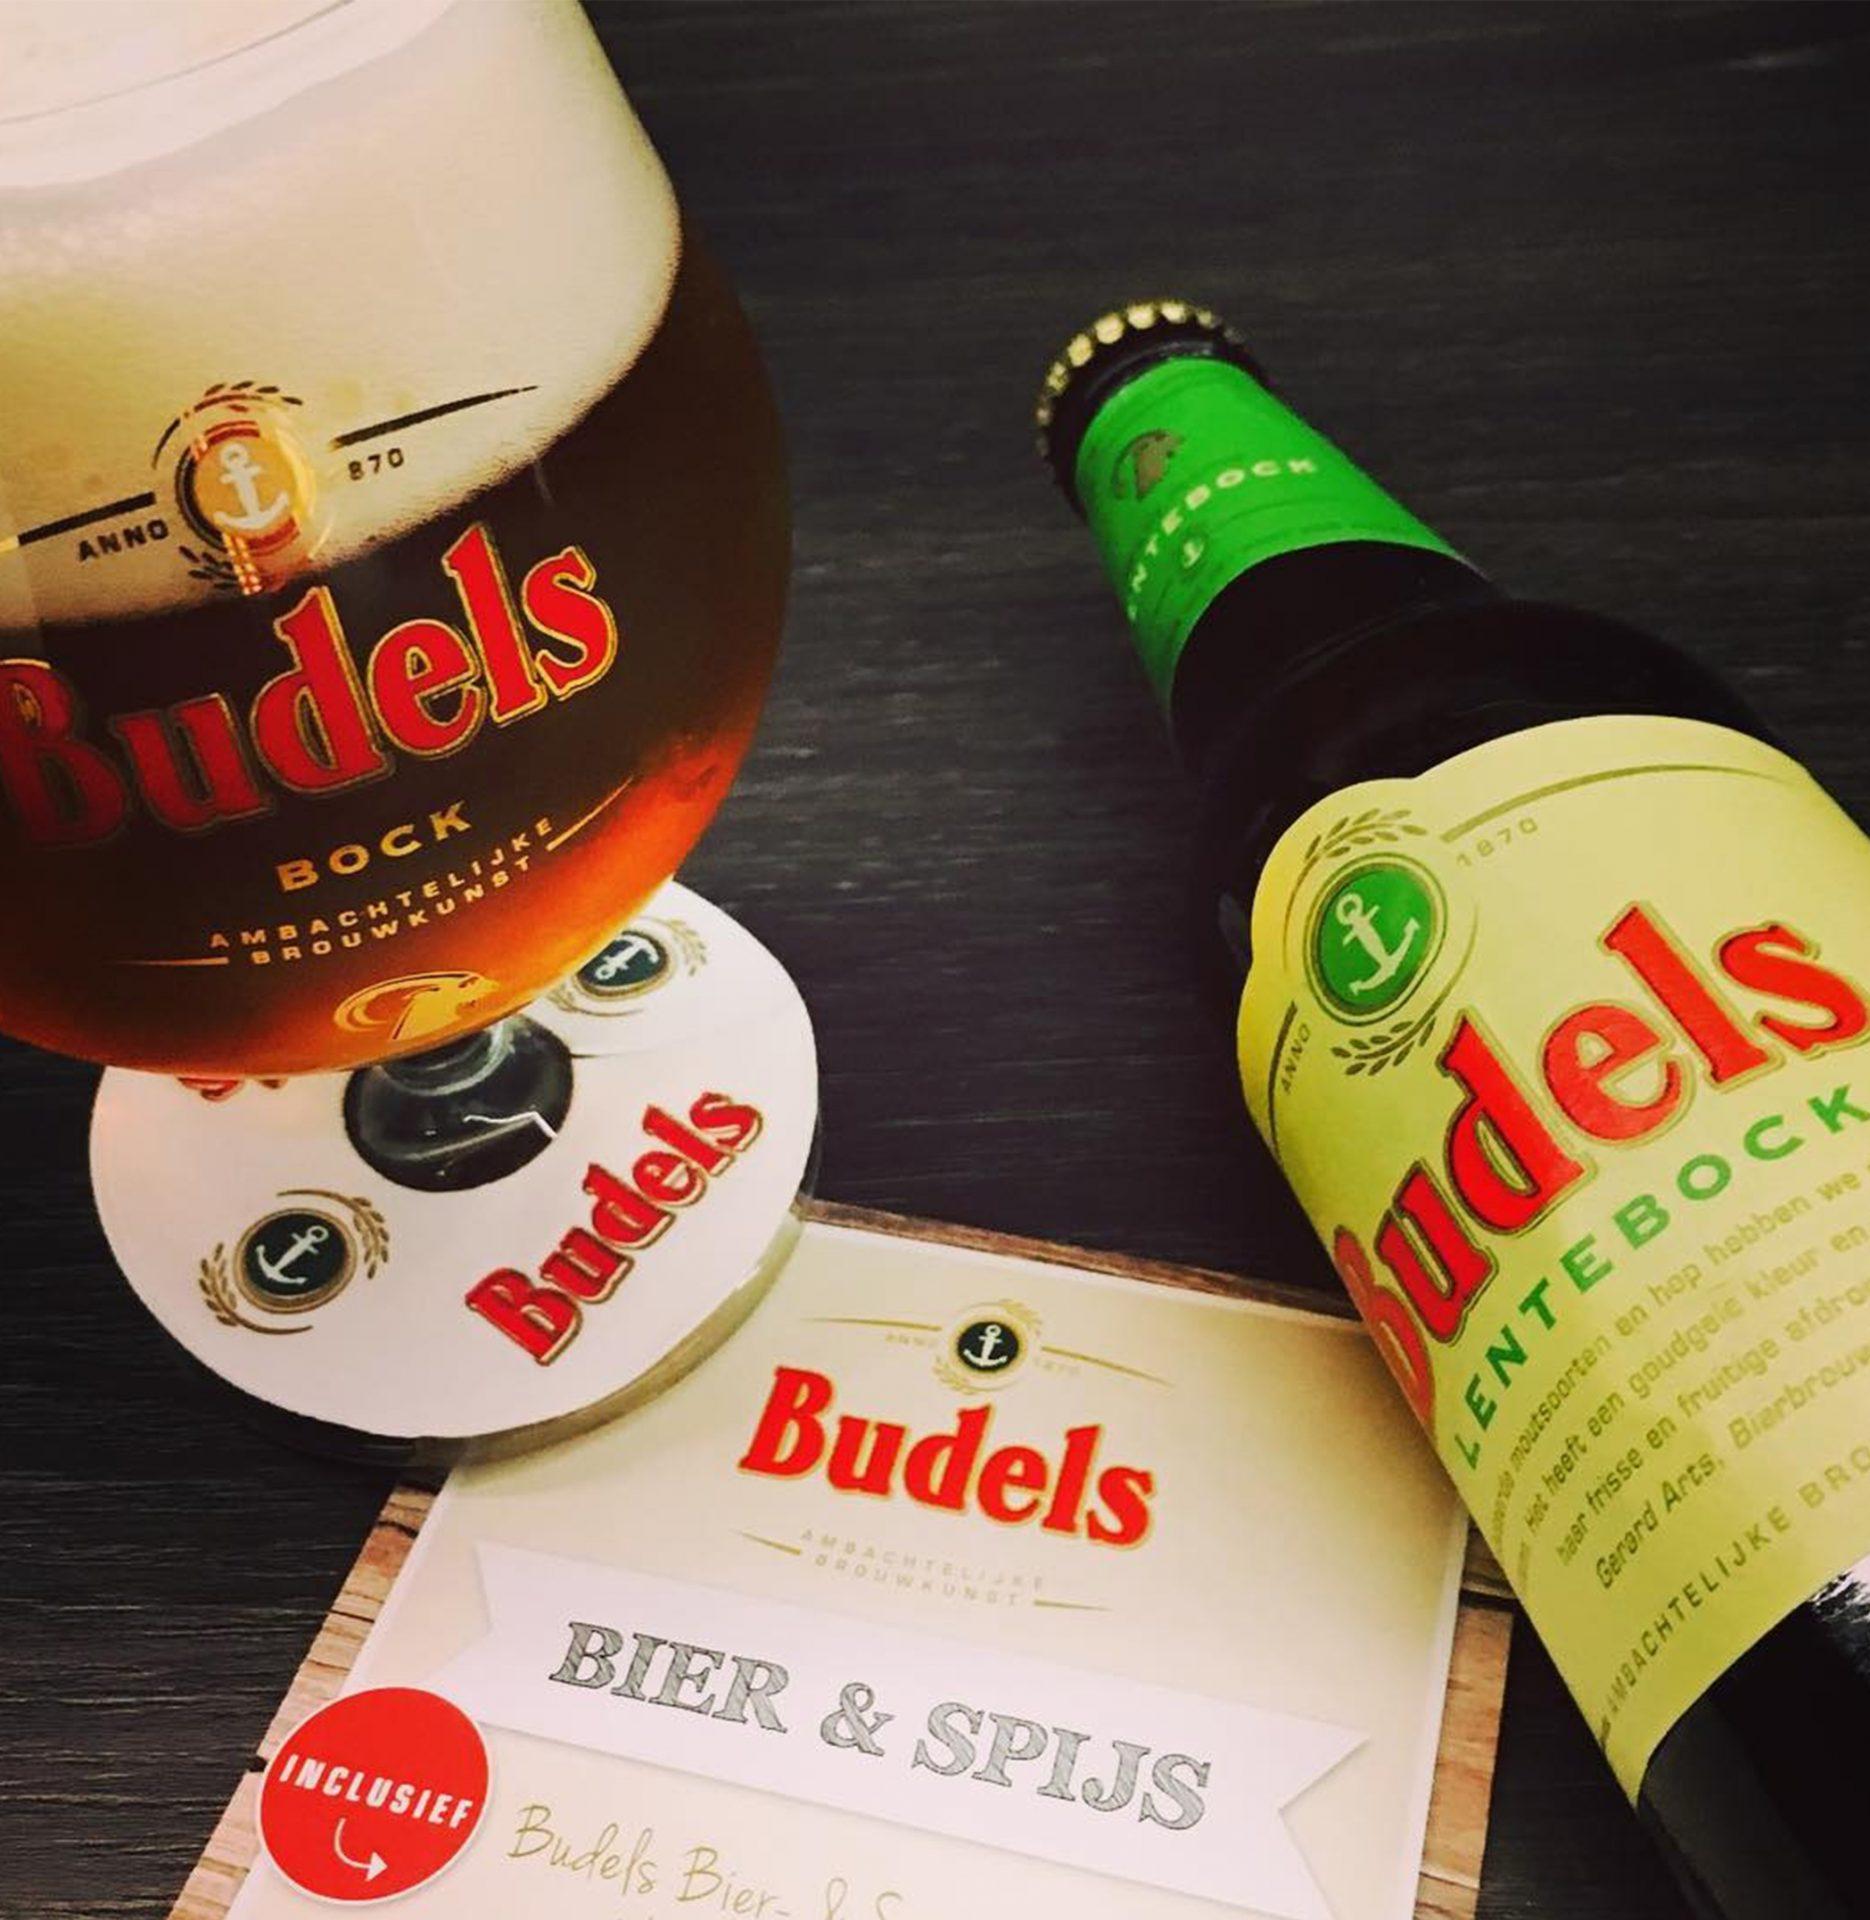 Nieuwsbrief-Nectar-Utrecht-Lentebier-Budels-Lentebier